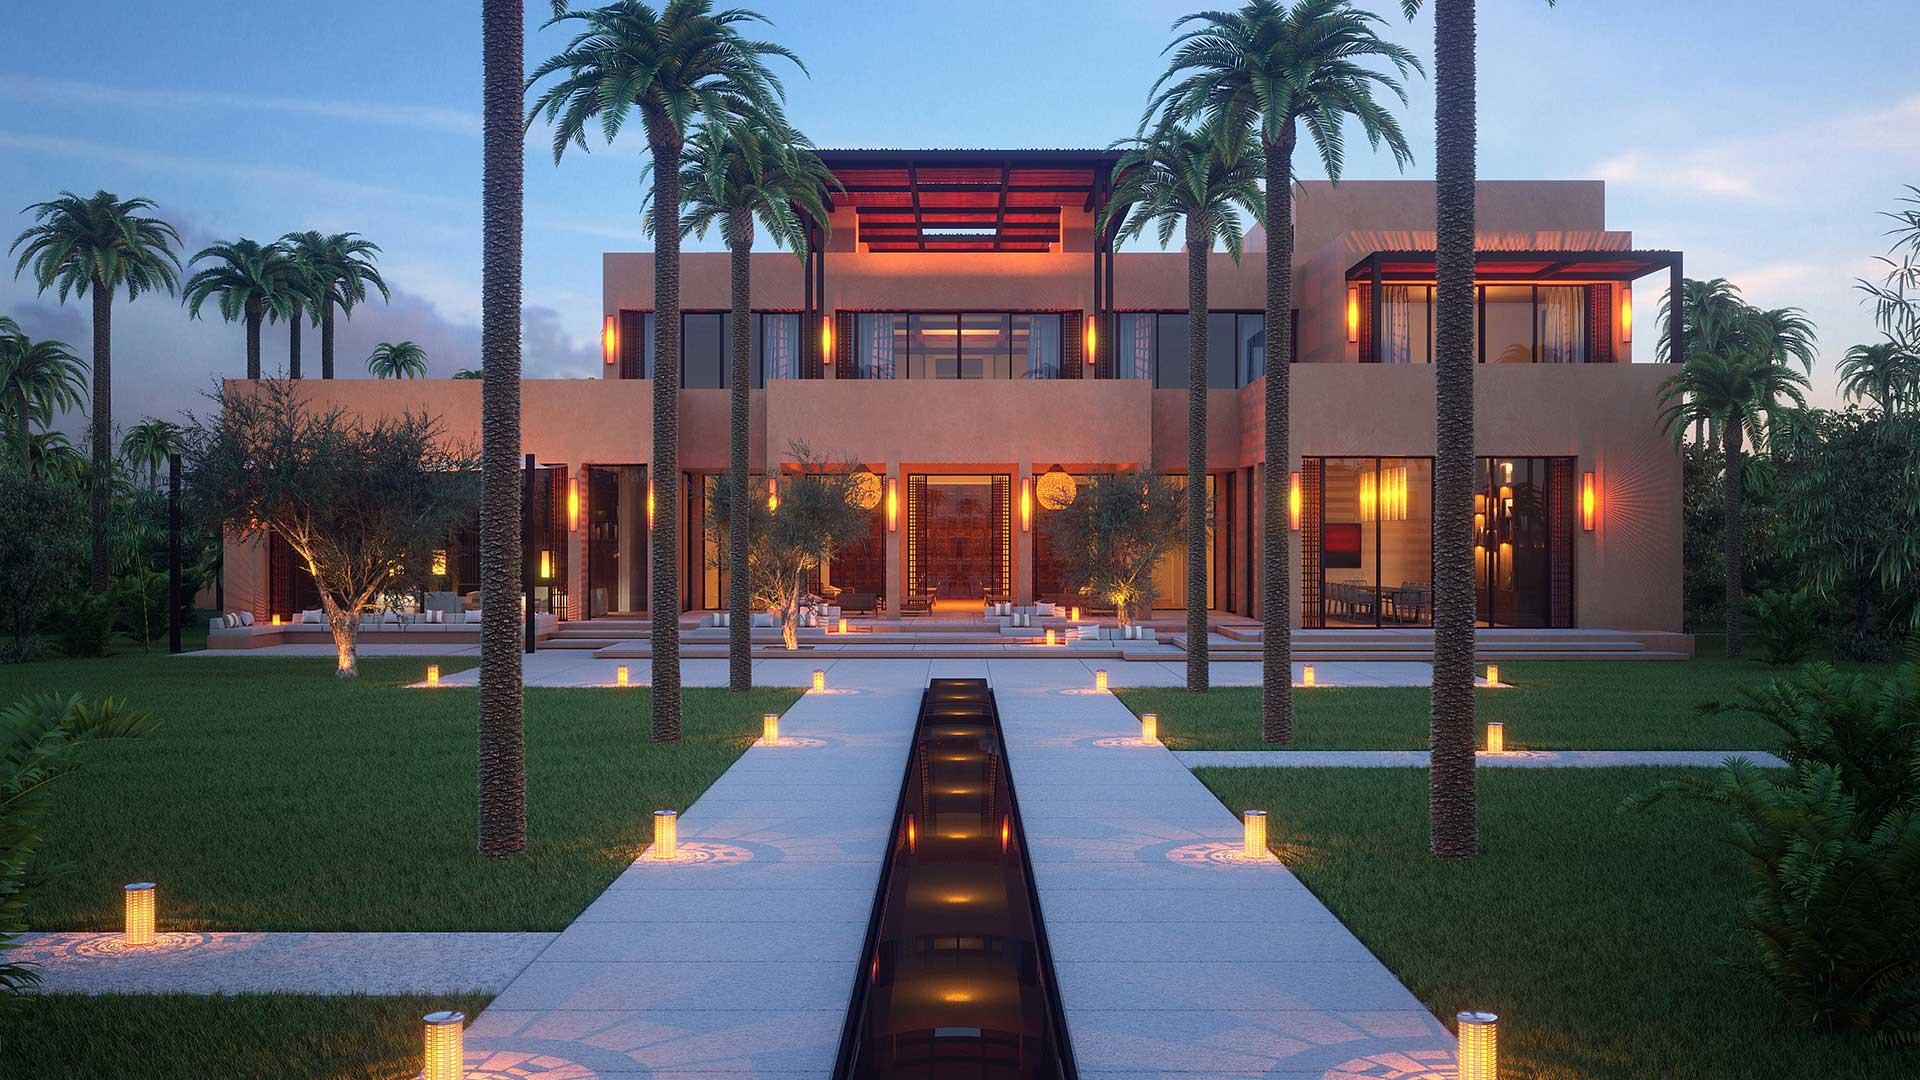 Devanture en image de synthèse 3D d'un projet immobilier d'une villa de luxe au Maroc